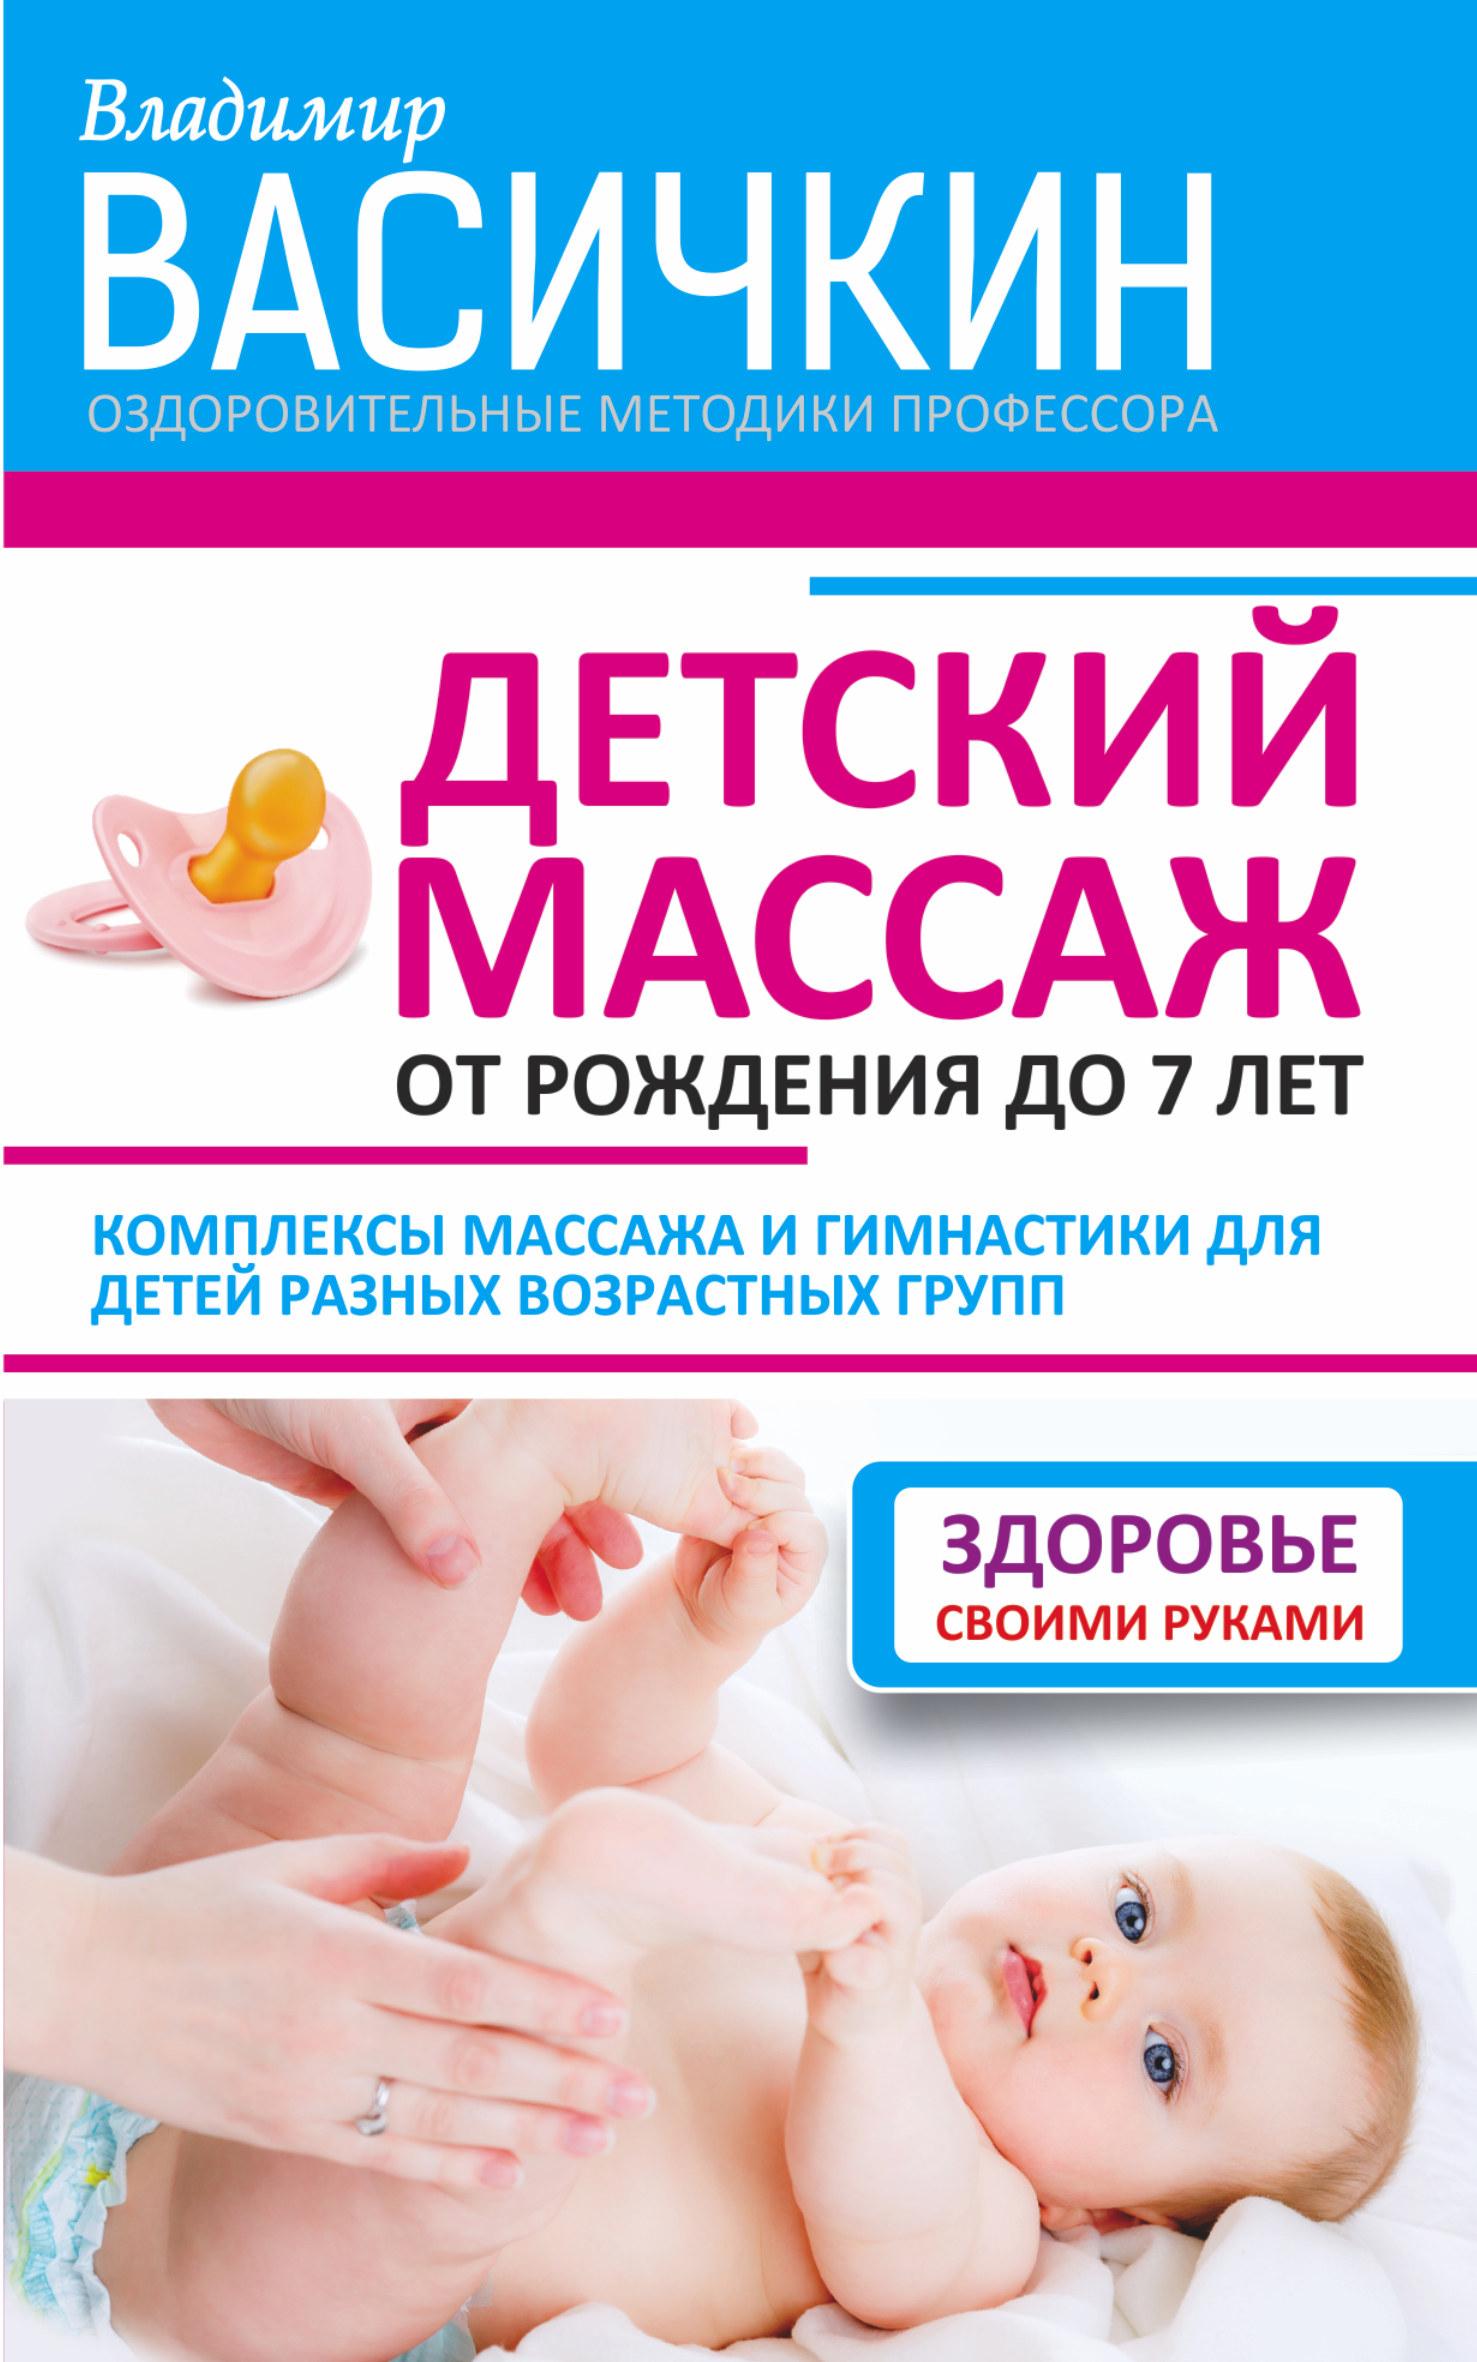 Владимир Васичкин Детский массаж. От рождения до 7 лет ирина красикова детский массаж массаж и гимнастика для детей от рождения до трех лет